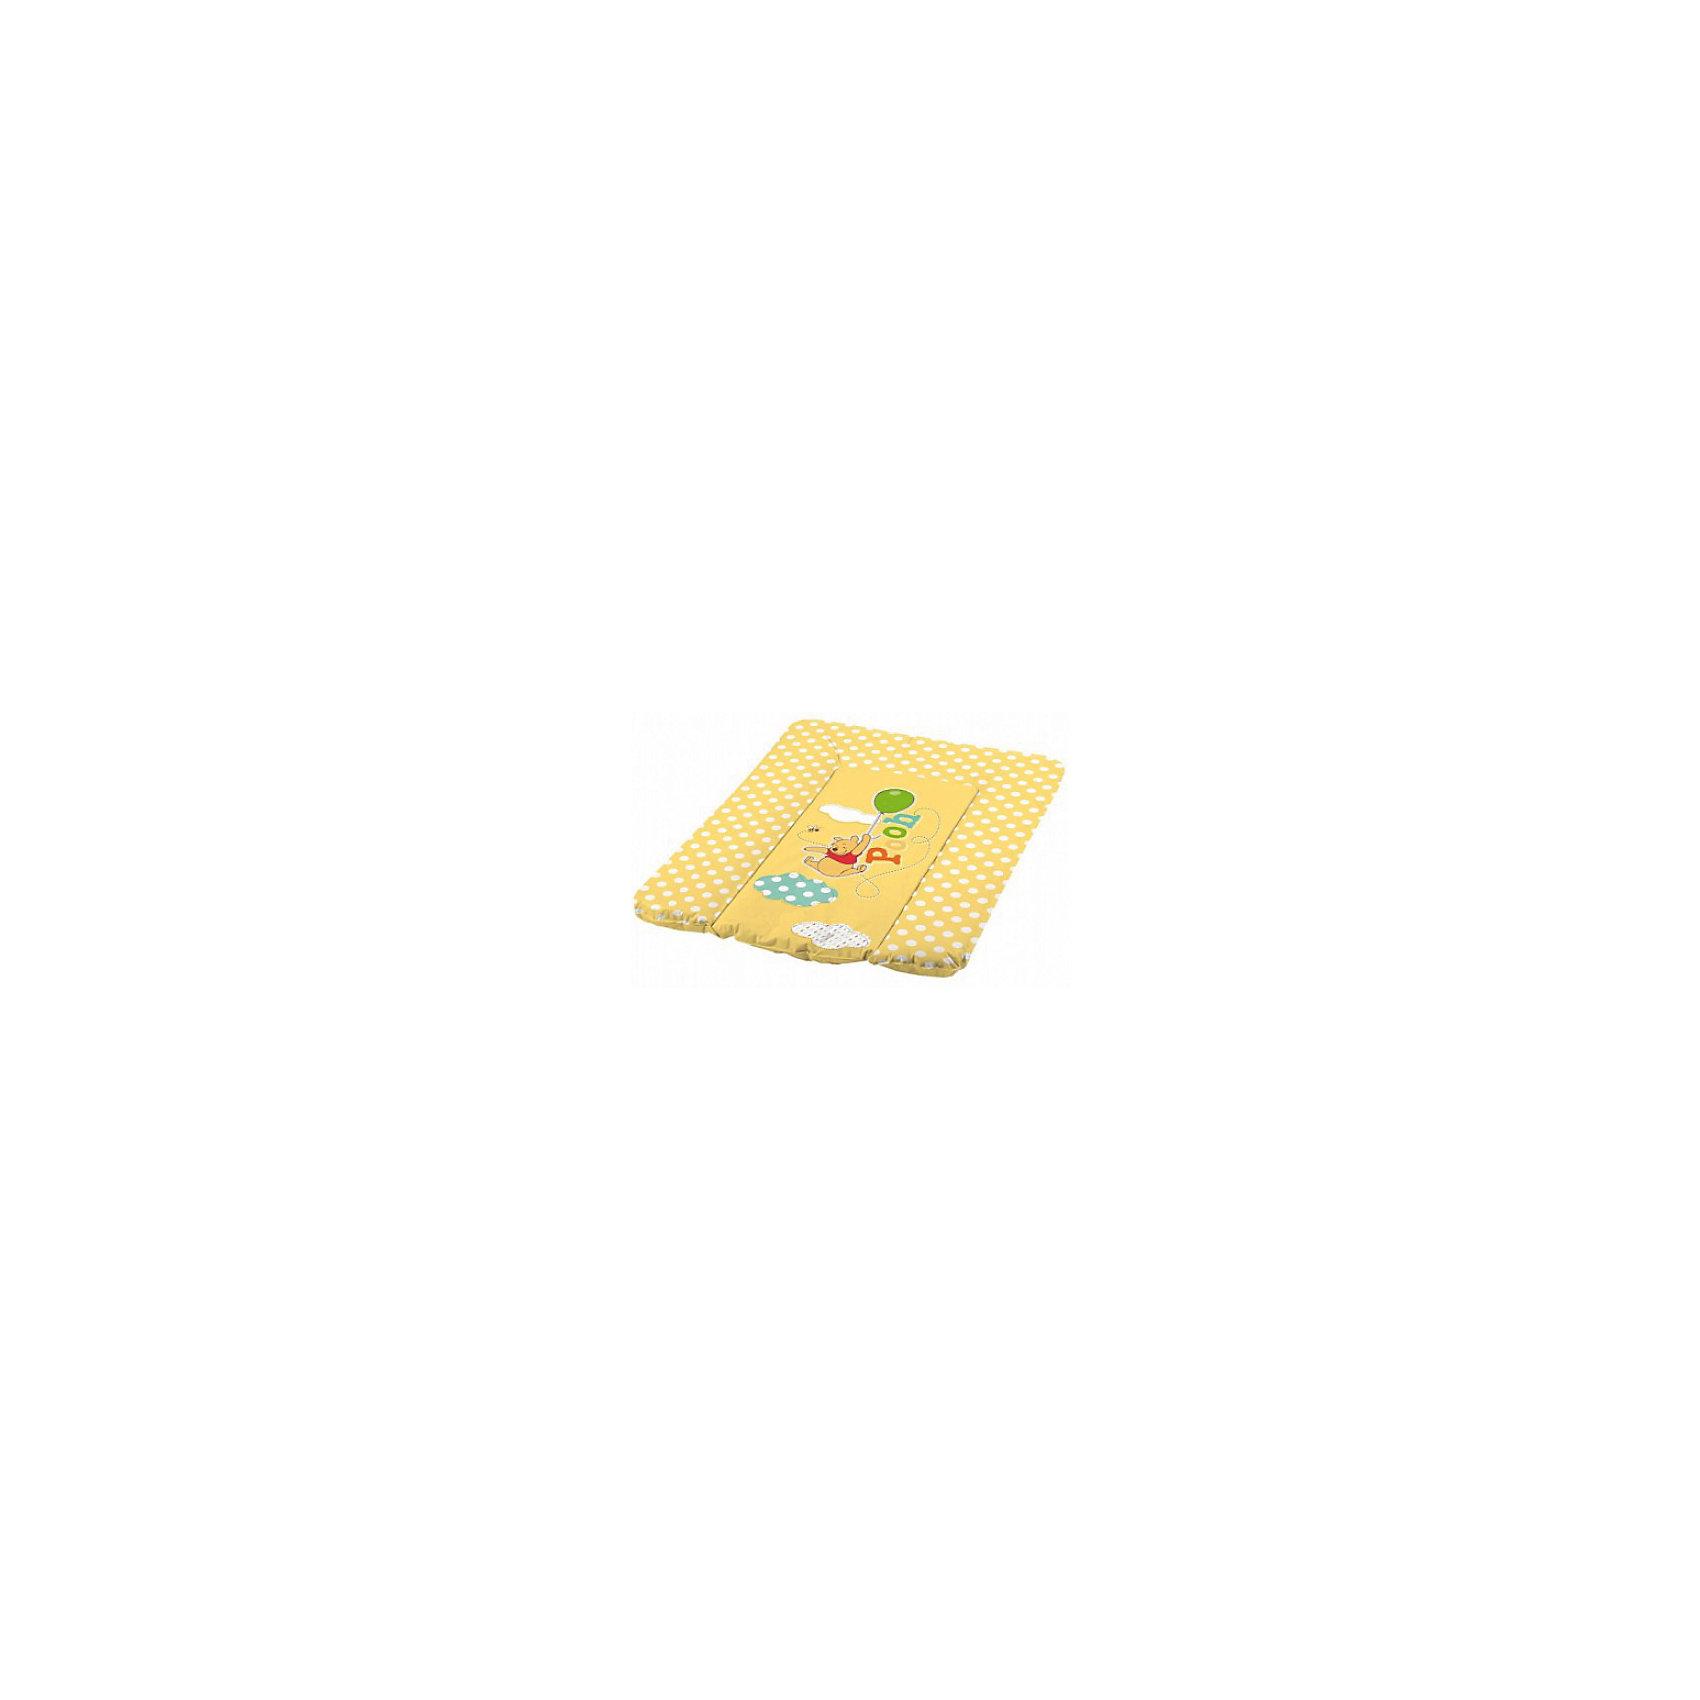 Матрас для пеленания Винни Пух, OKT, желтыйМатрас для пеленания Винни Пух, превратит ежедневные гигиенические процедуры в веселую игру. Матрас из водонепроницаемого материала удобен и прост в уходе. Он защитит поверхность от загрязнения и позволит сохранить гигиену при переодевании даже в дороге. Яркая расцветка привлечет малыша и он будет меньше капризничать. Валики-фиксаторы с трех сторон уберегут кроху от соскальзывания, а основание позволит Вам расположить матрас там, где это необходимо.<br> <br>Дополнительная информация:<br><br>- Экономит место в квартире;<br>- Удобная прямоугольная форма;<br>- Прекрасно подходит для проведения гигиенических процедур и массажа;<br>- Водонепроницаемое покрытие;<br>- Валики с трех сторон для безопасности;<br>- Яркая расцветка;<br>- Цвет: желтый;<br>- Размер: 70 х 50 х 3 см;<br>- Вес: 0,5 кг<br><br>Матрас для пеленания Винни Пух, OKT, желтый можно купить в нашем интернет-магазине.<br><br>Ширина мм: 770<br>Глубина мм: 720<br>Высота мм: 490<br>Вес г: 504<br>Возраст от месяцев: 0<br>Возраст до месяцев: 12<br>Пол: Унисекс<br>Возраст: Детский<br>SKU: 4026468